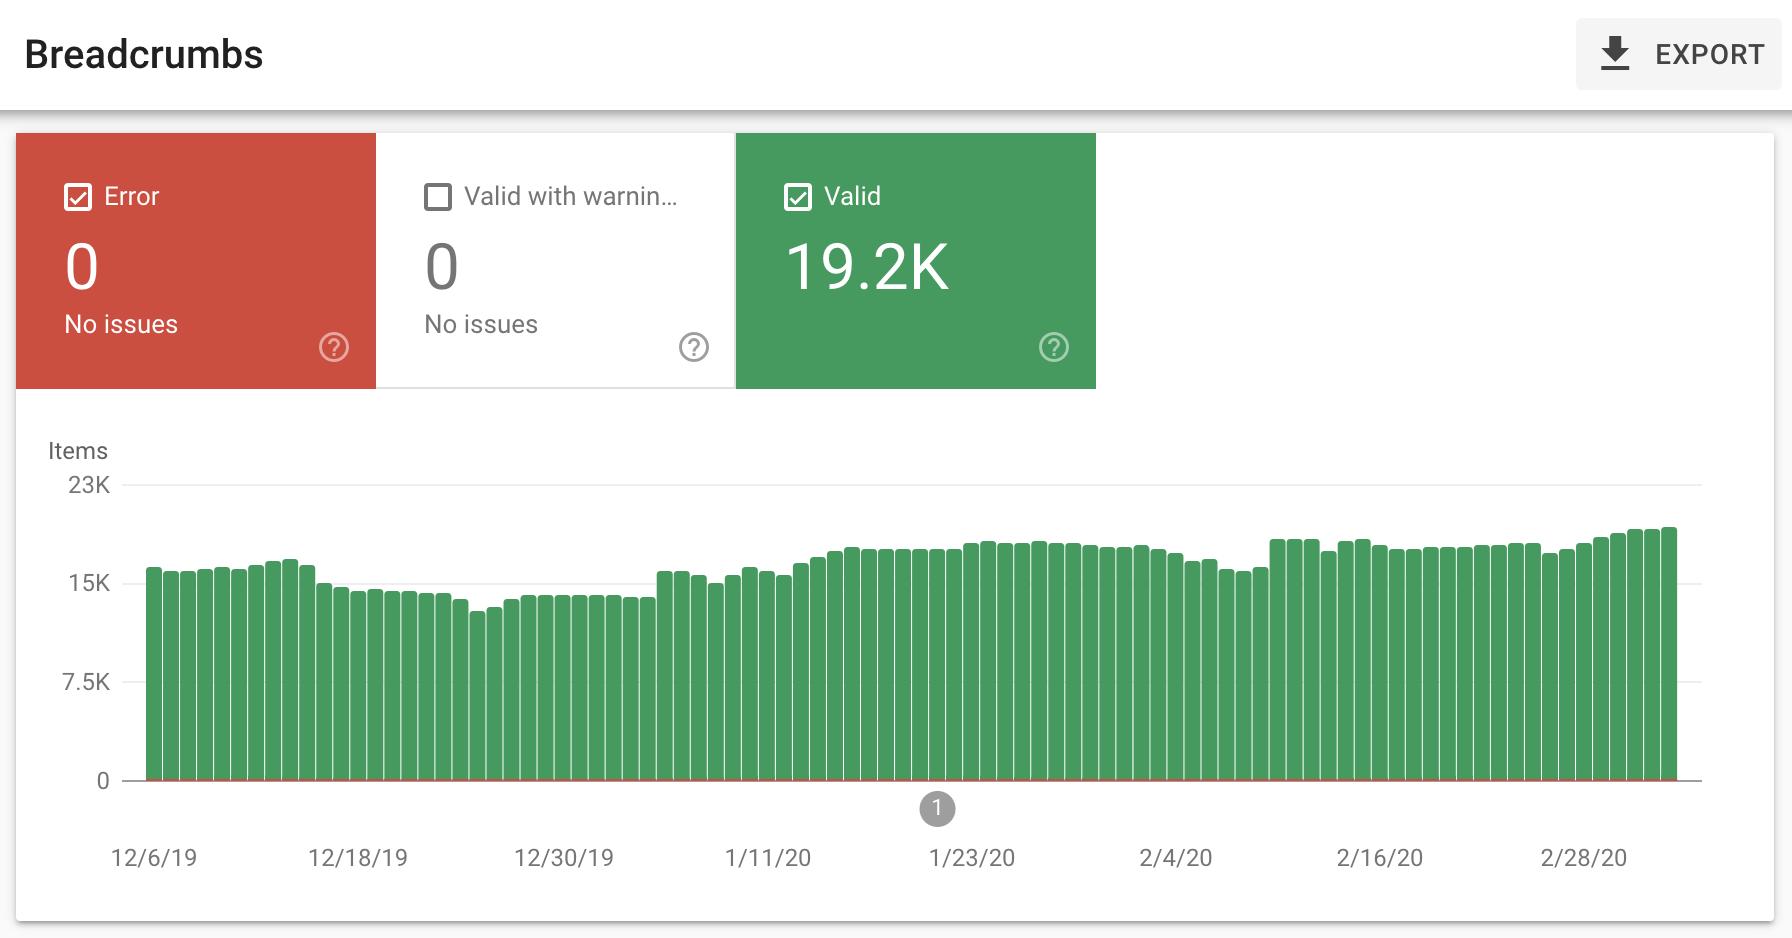 Dữ liệu có cấu trúc Breadcrumb trong SearchConsole